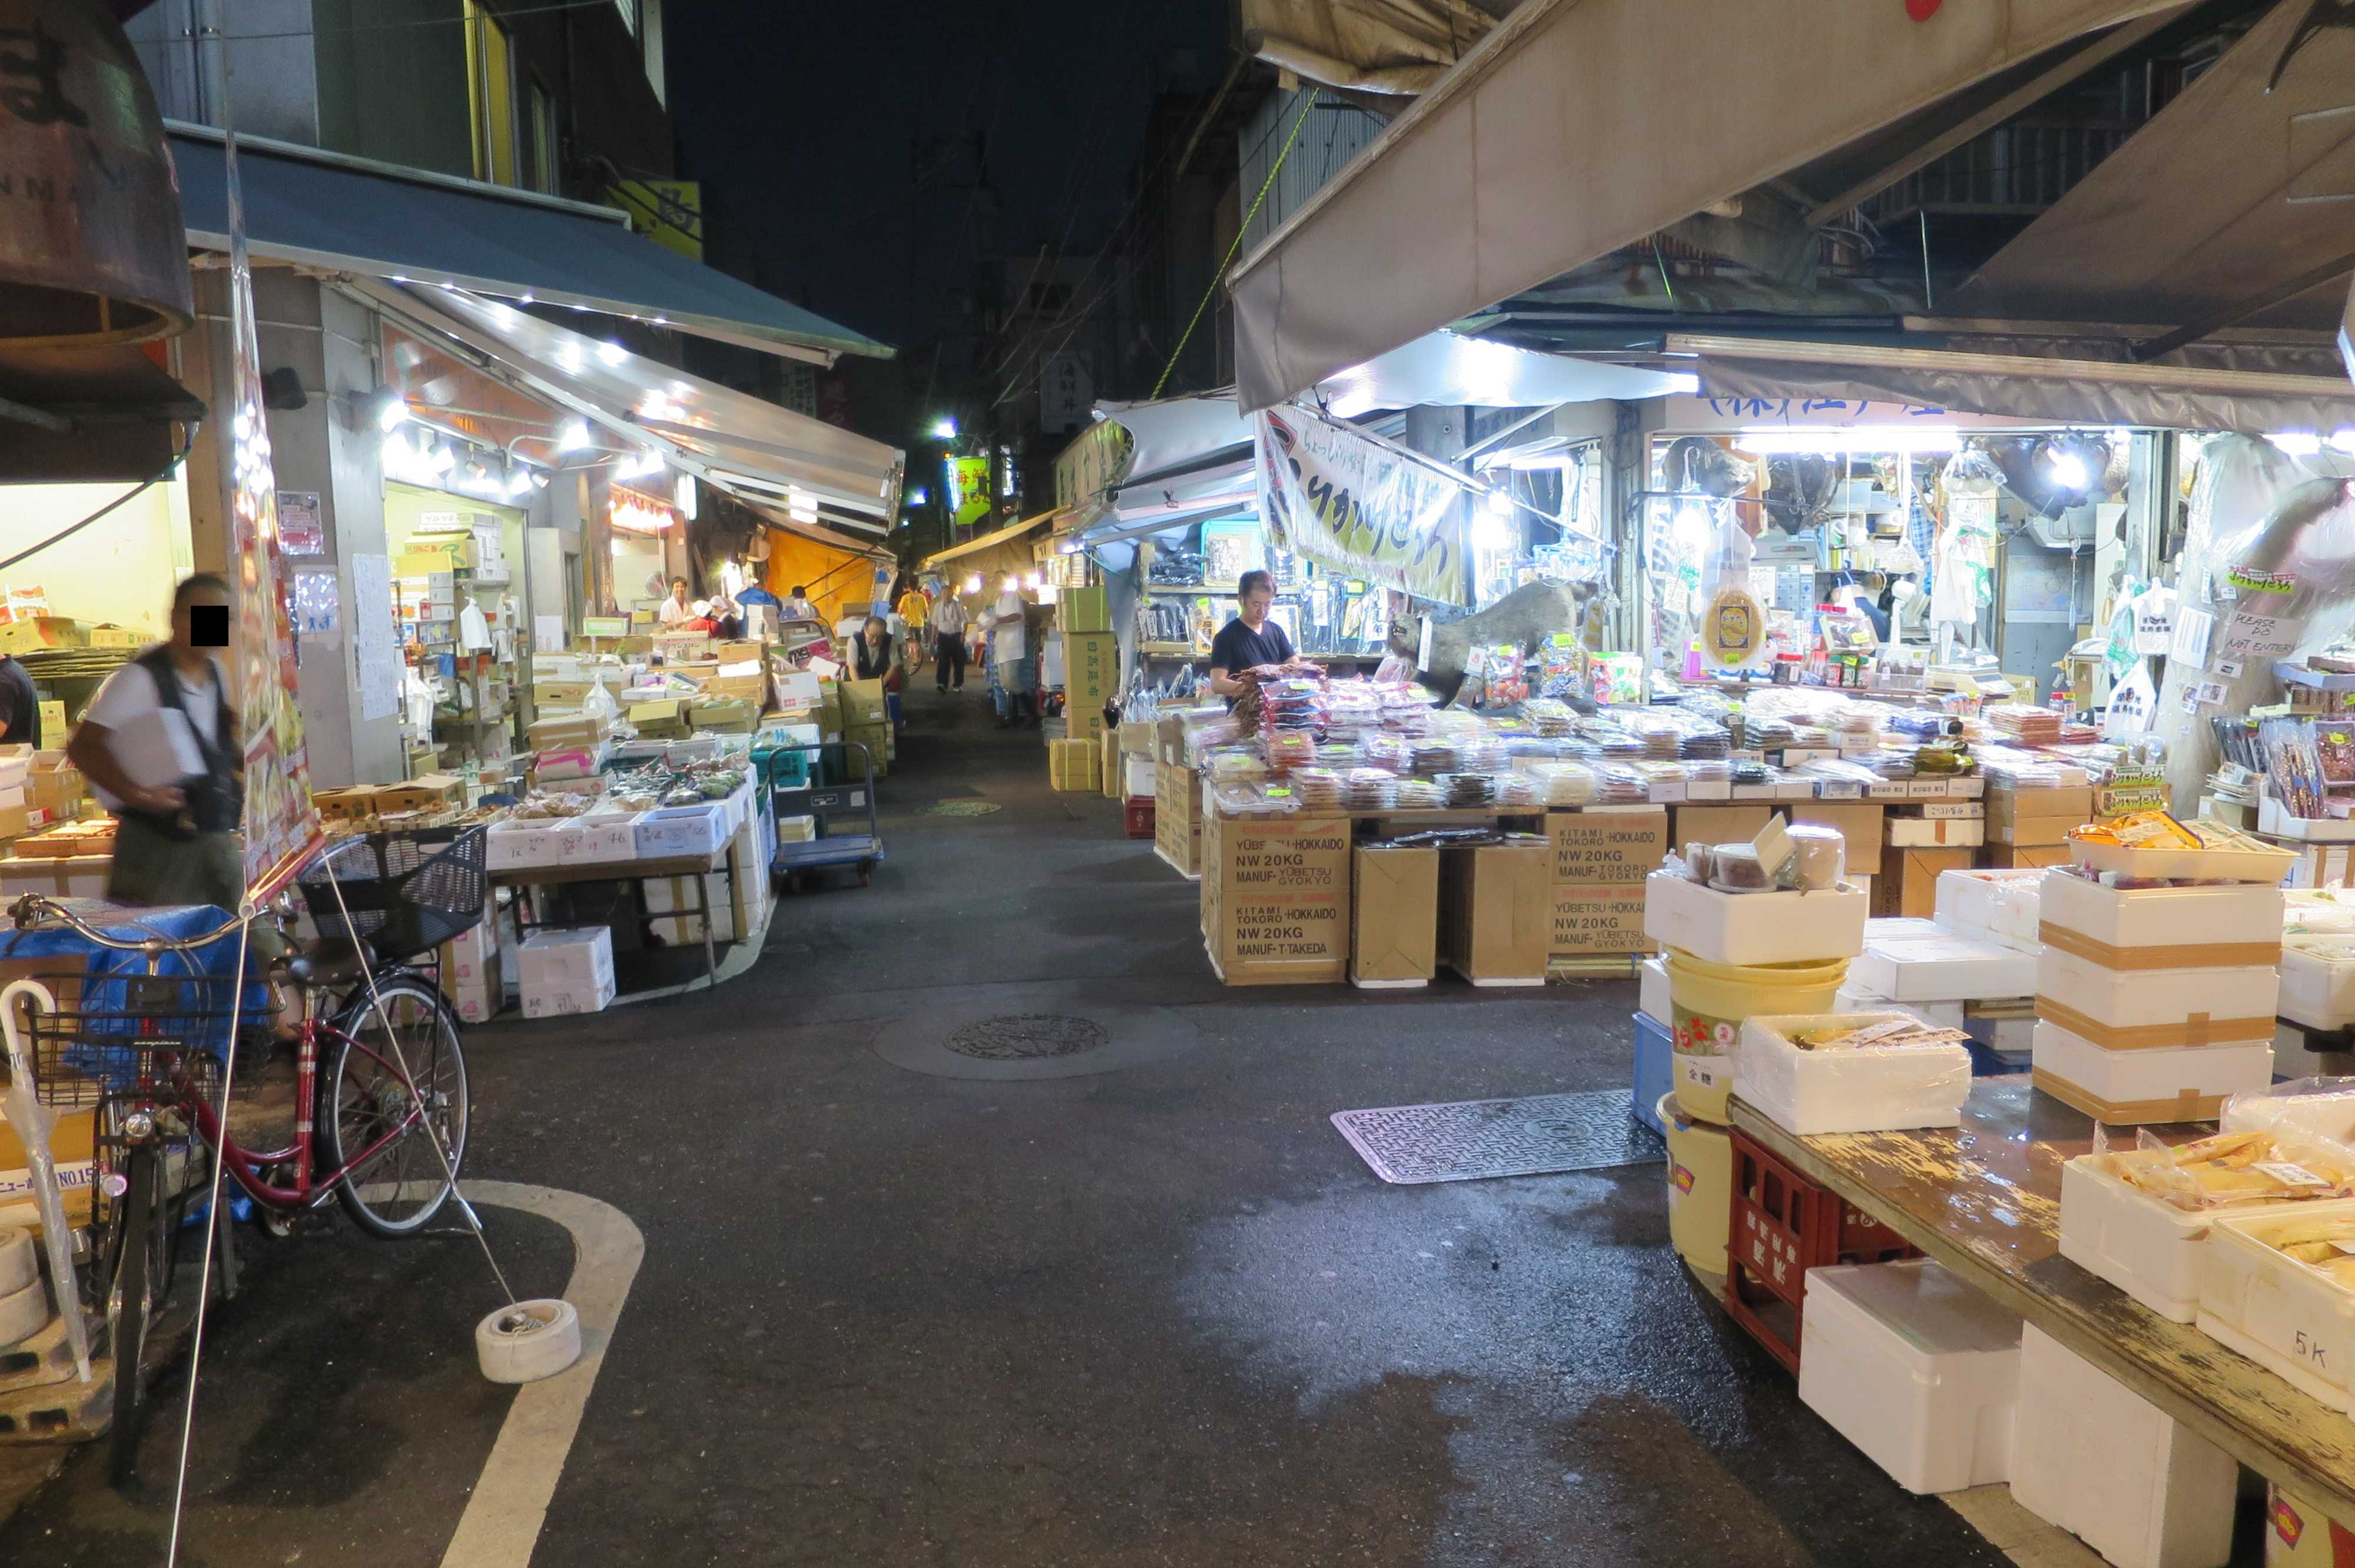 築地場外市場 - 狭い四つ角(十字路)